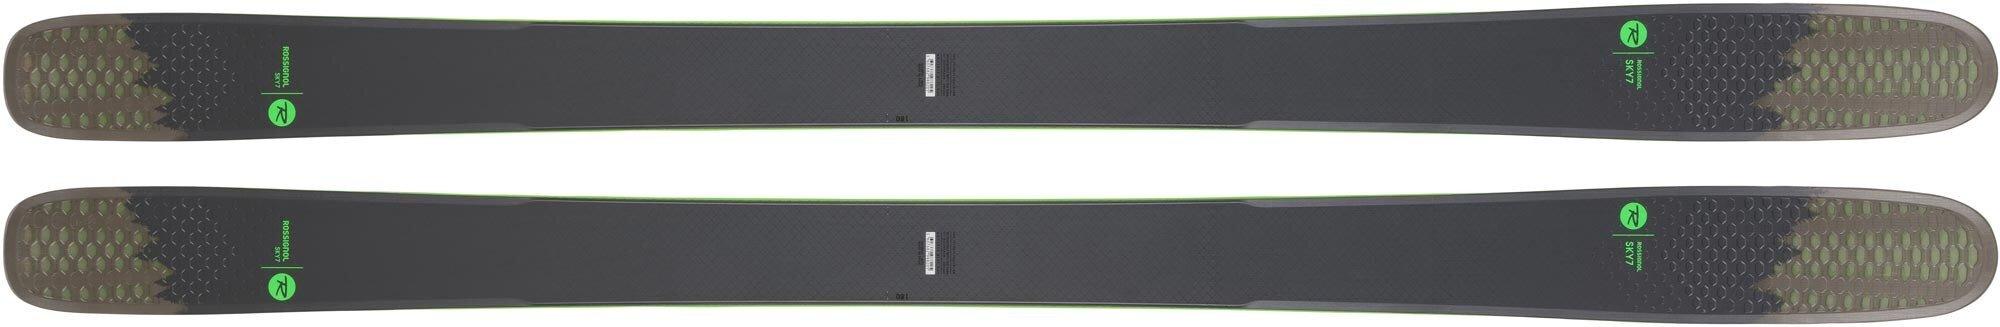 Rossignol Sky 7HD available in 156cm, 164cm, 172cm, 180cm, 188cm